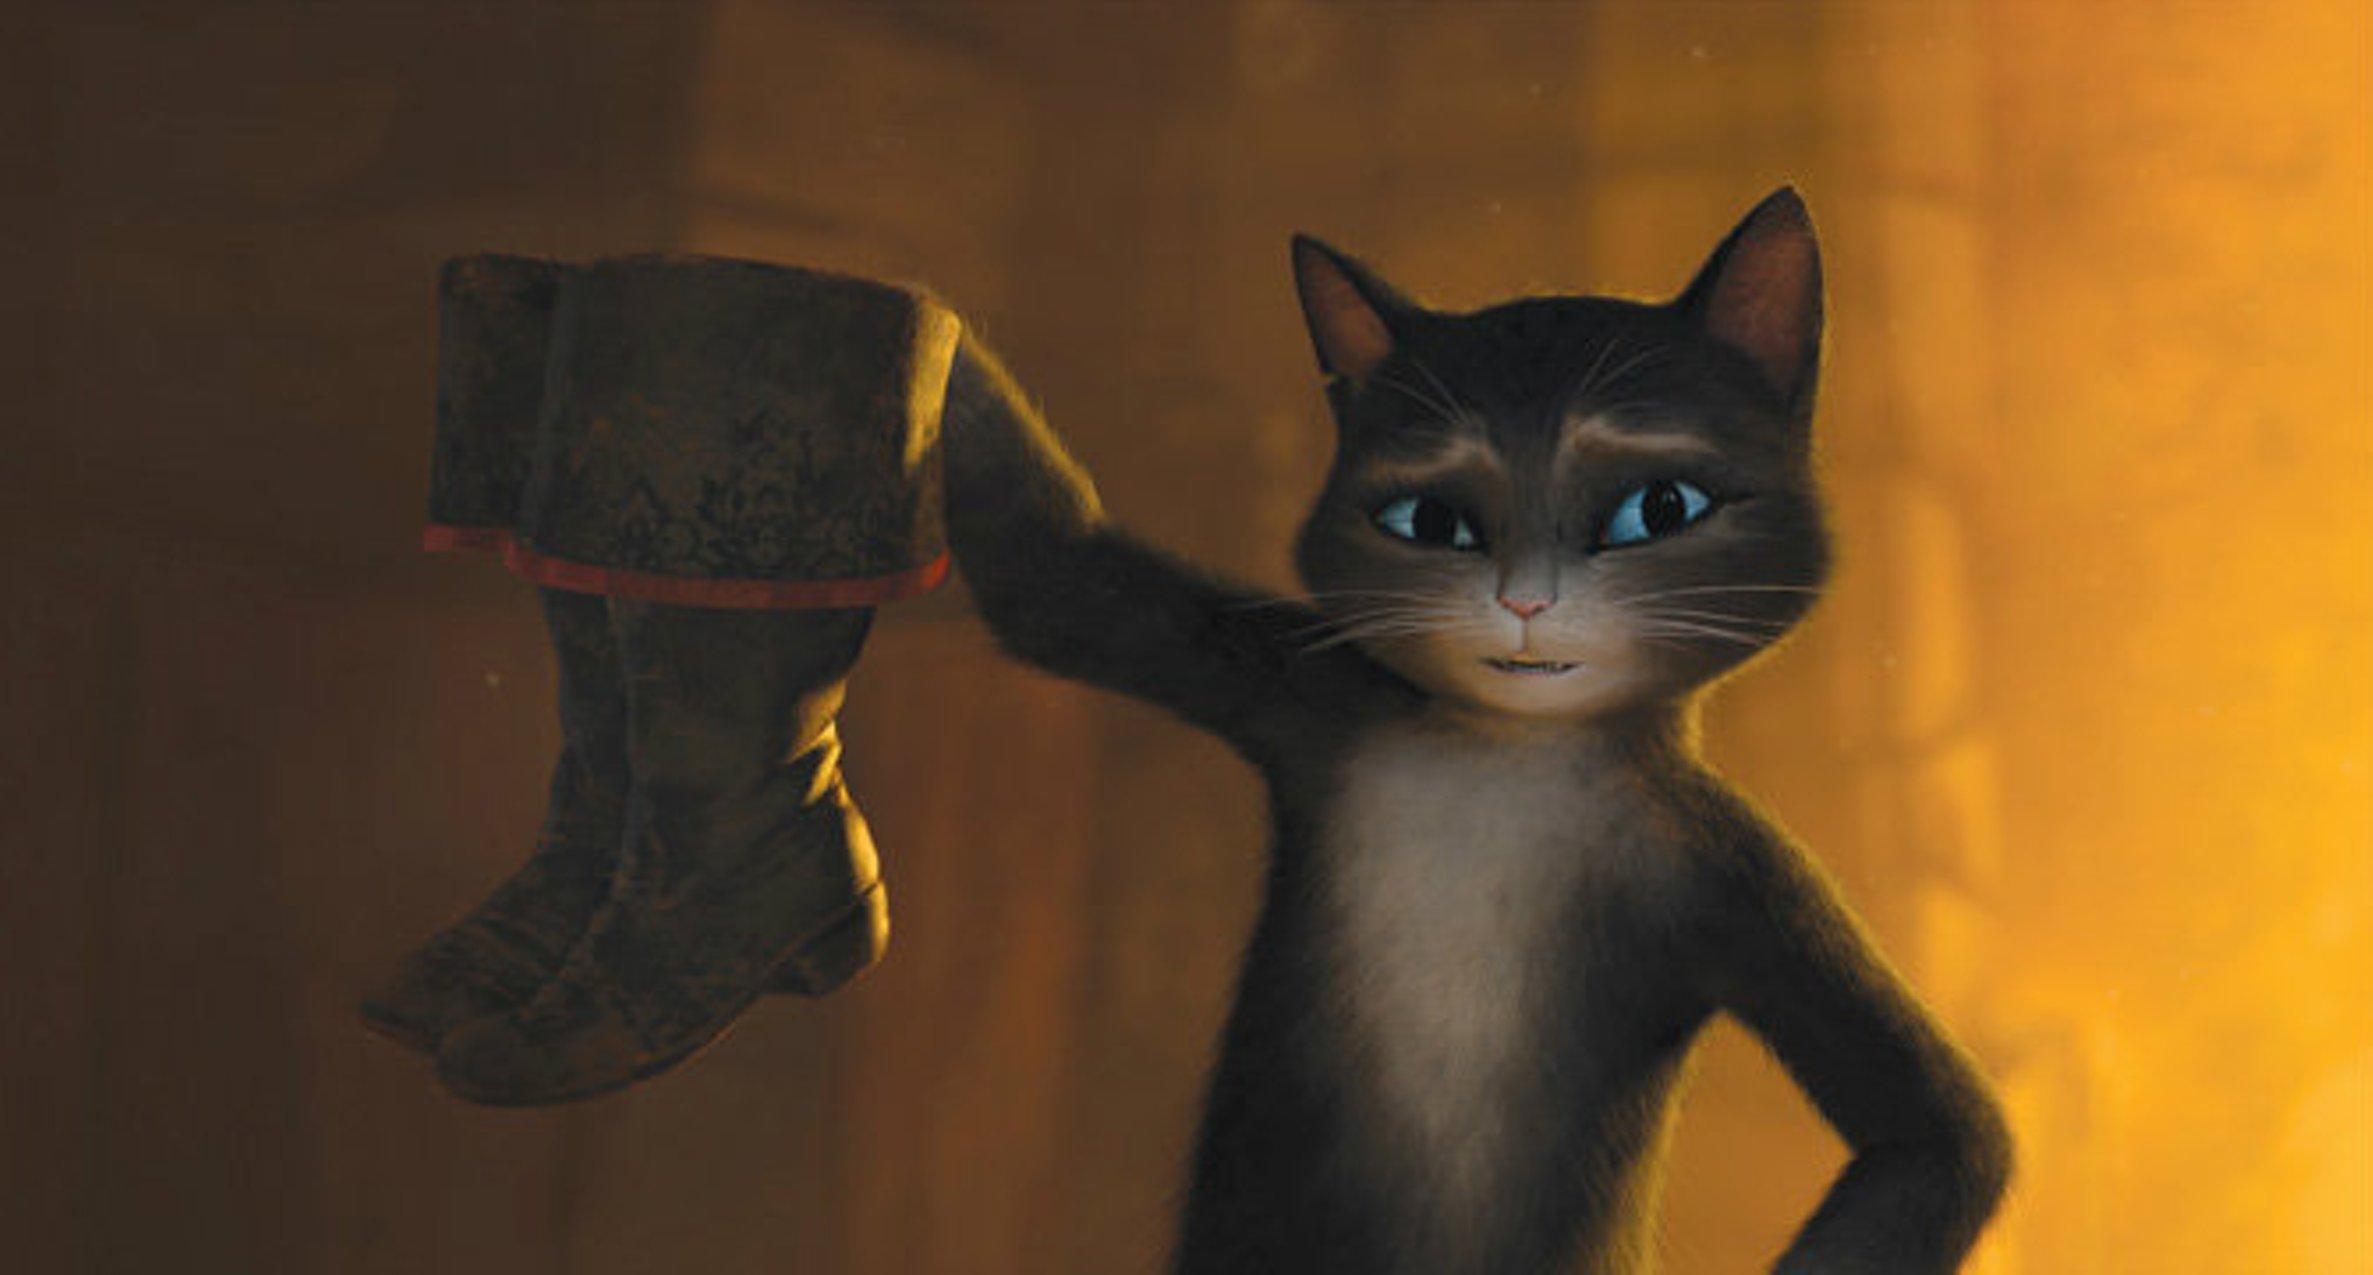 сапоги для кота в сапогах в картинках